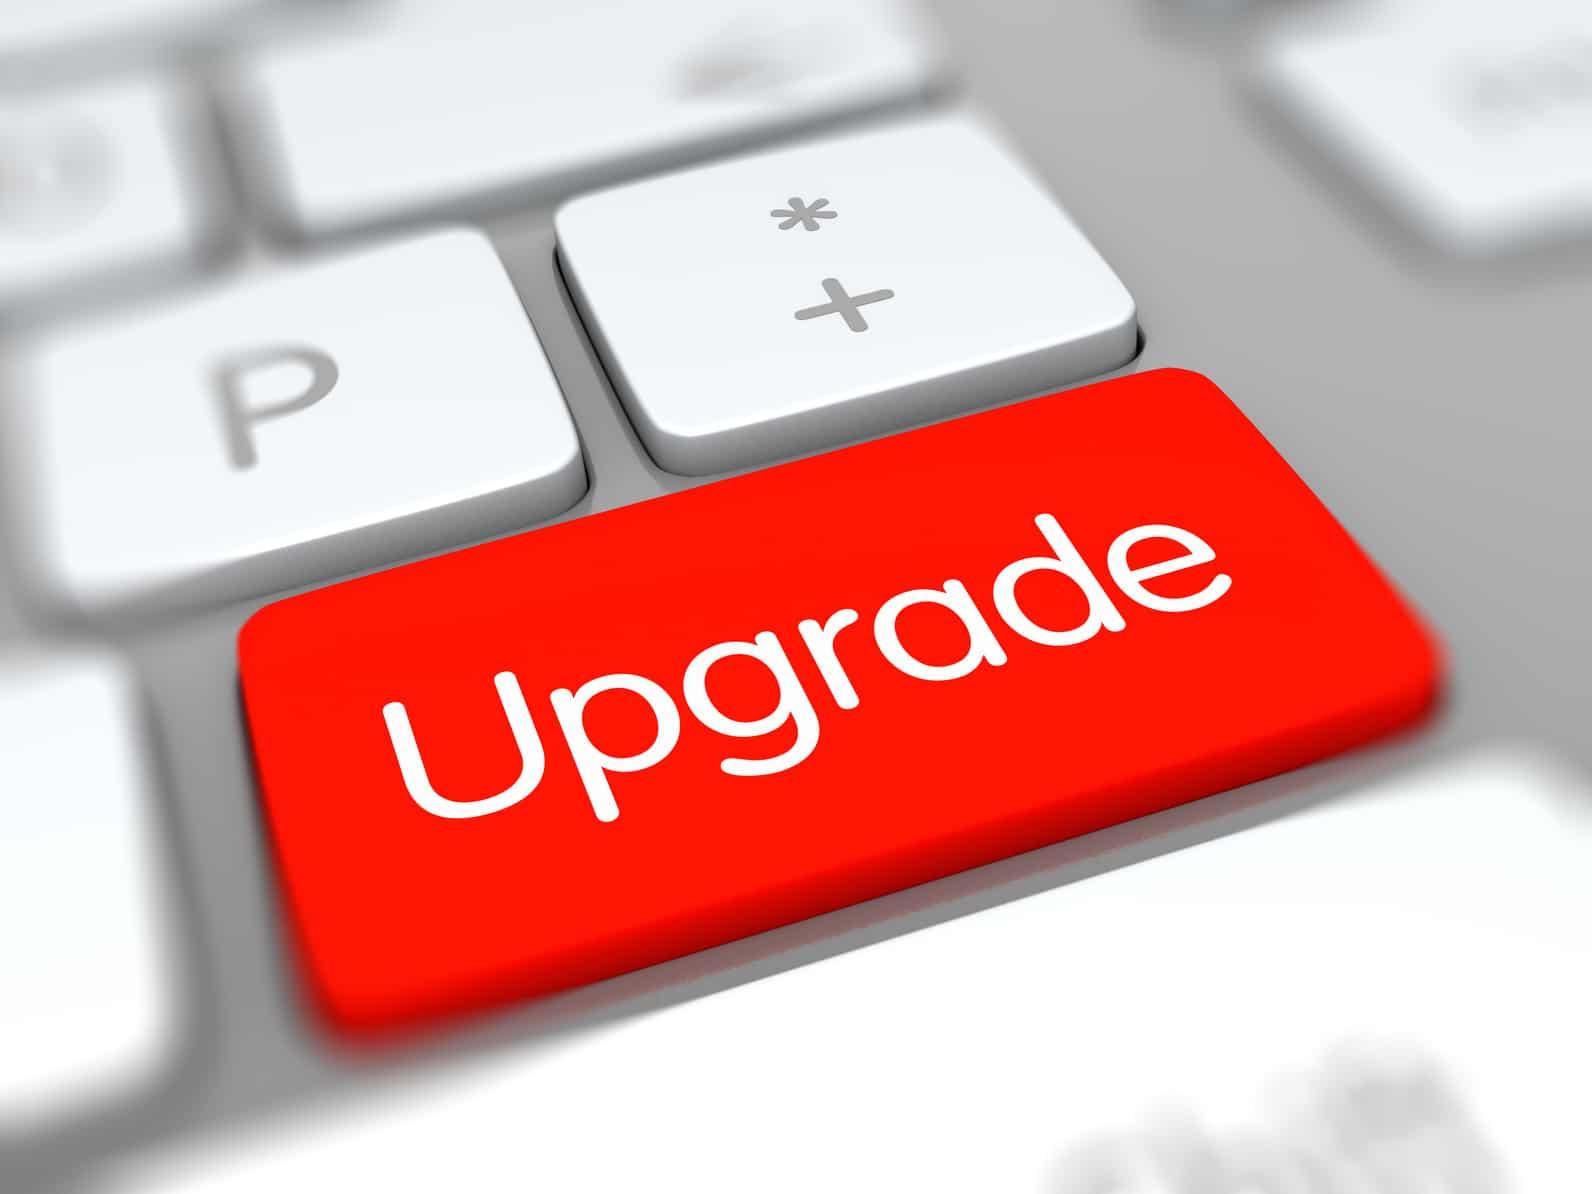 Upgrade_button